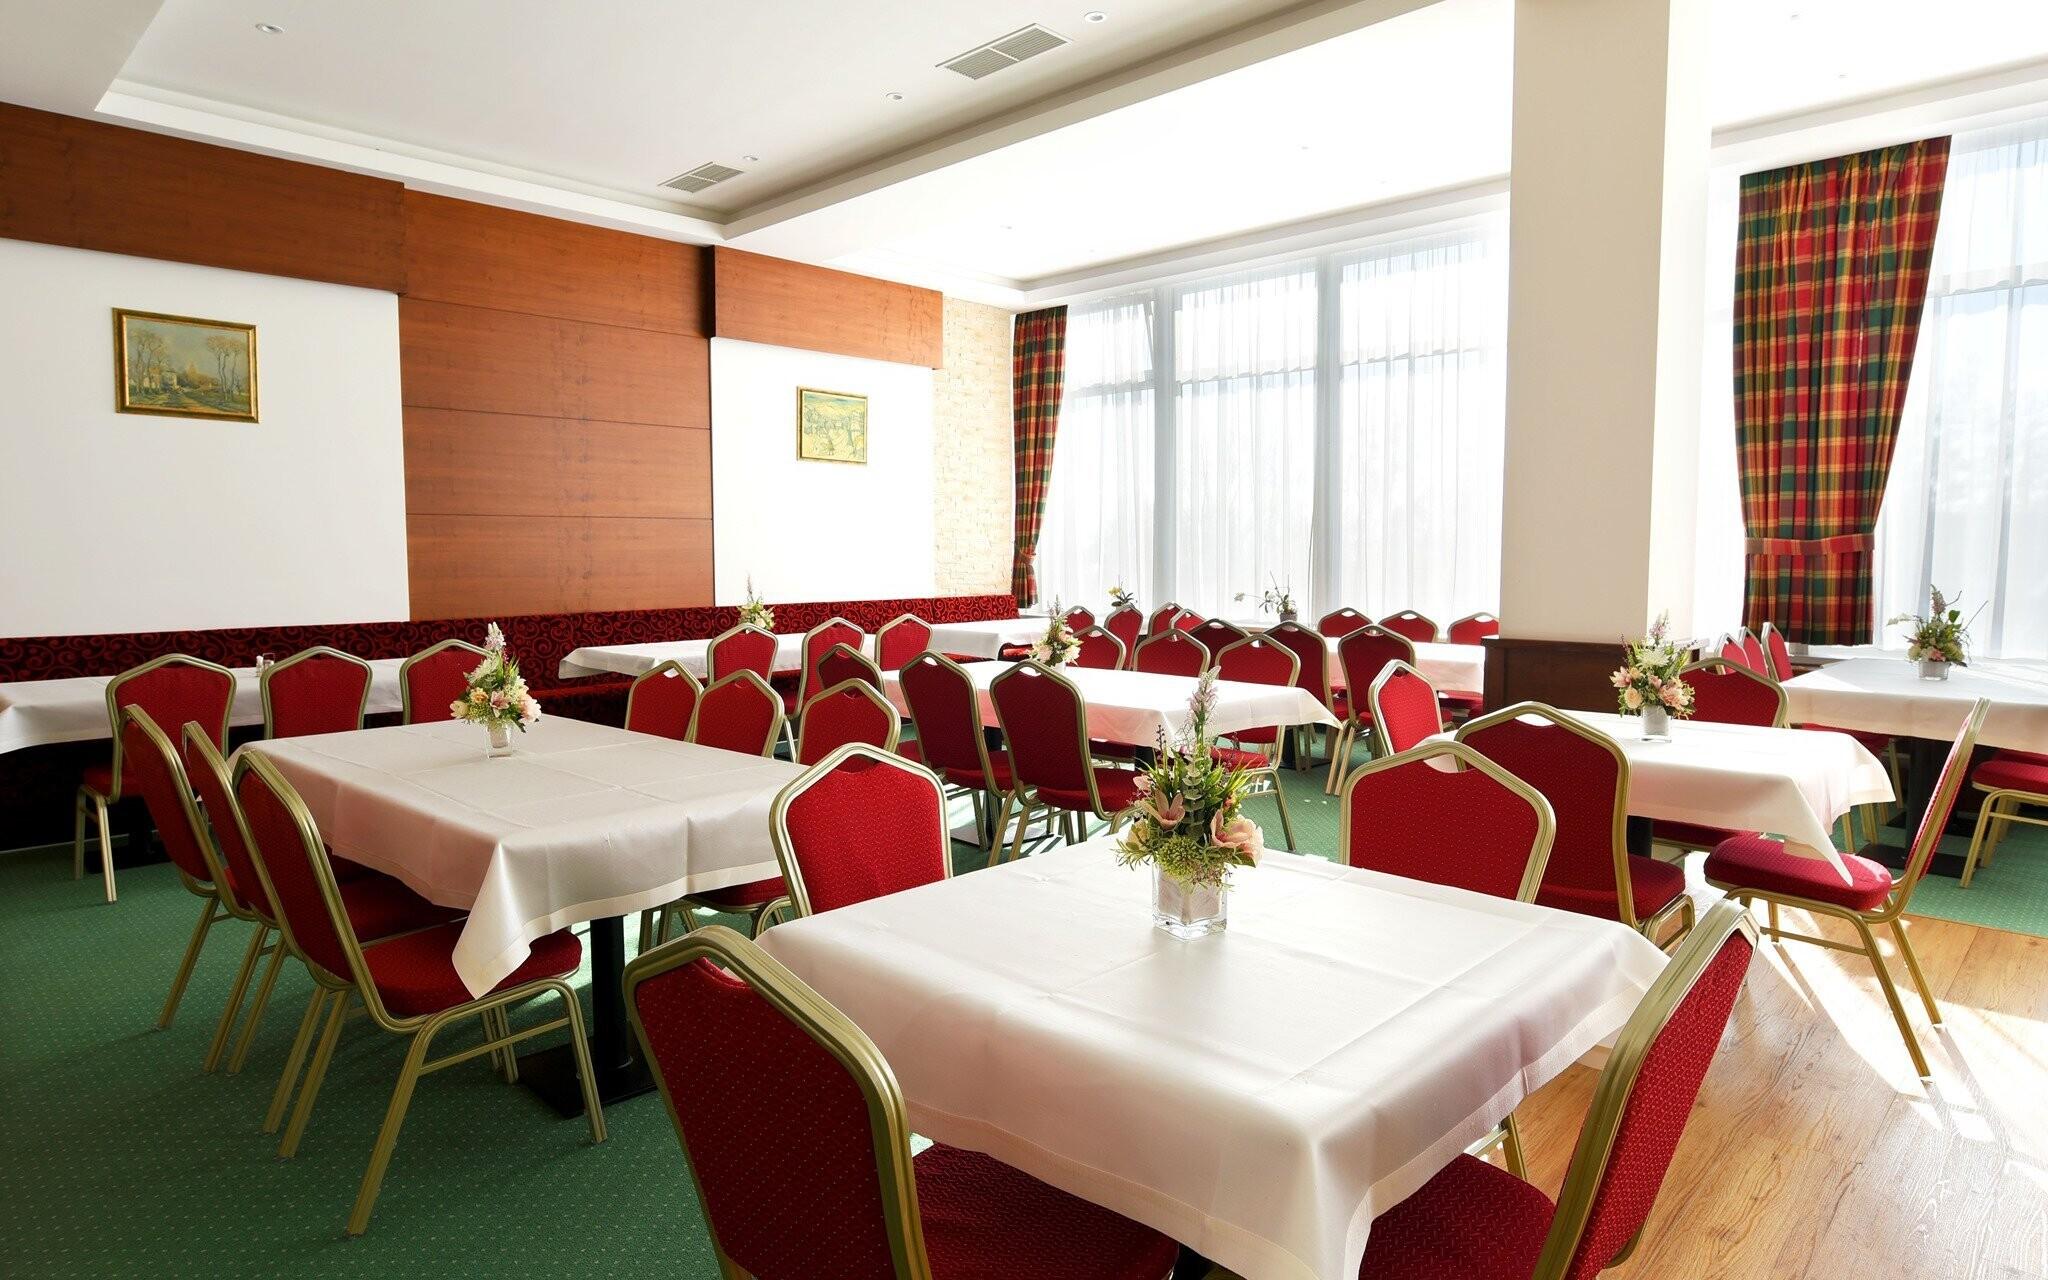 Hotelová restaurace, polopenze v Hotelu Lesana ***